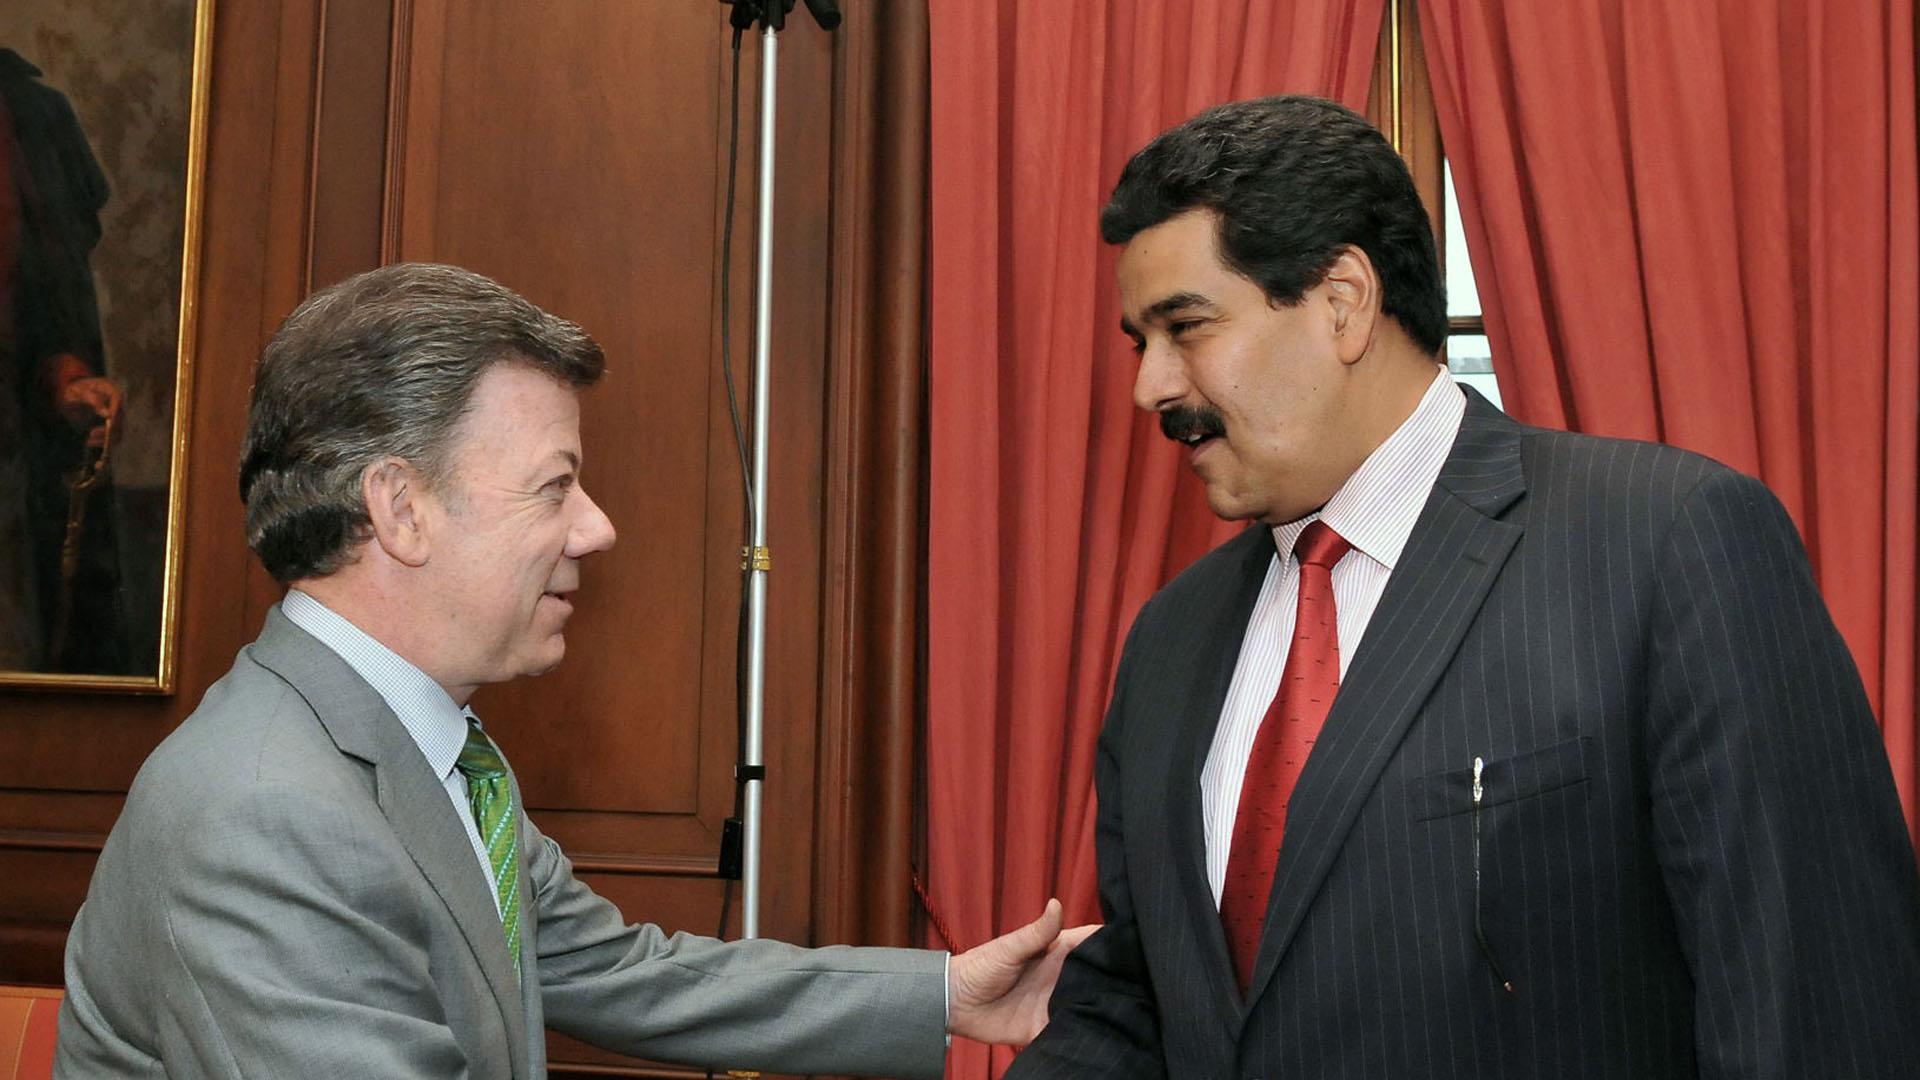 Los gobernantes de Venezuela y Colombia, respectivamente, discutirán la posible reapertura de la frontera binacional